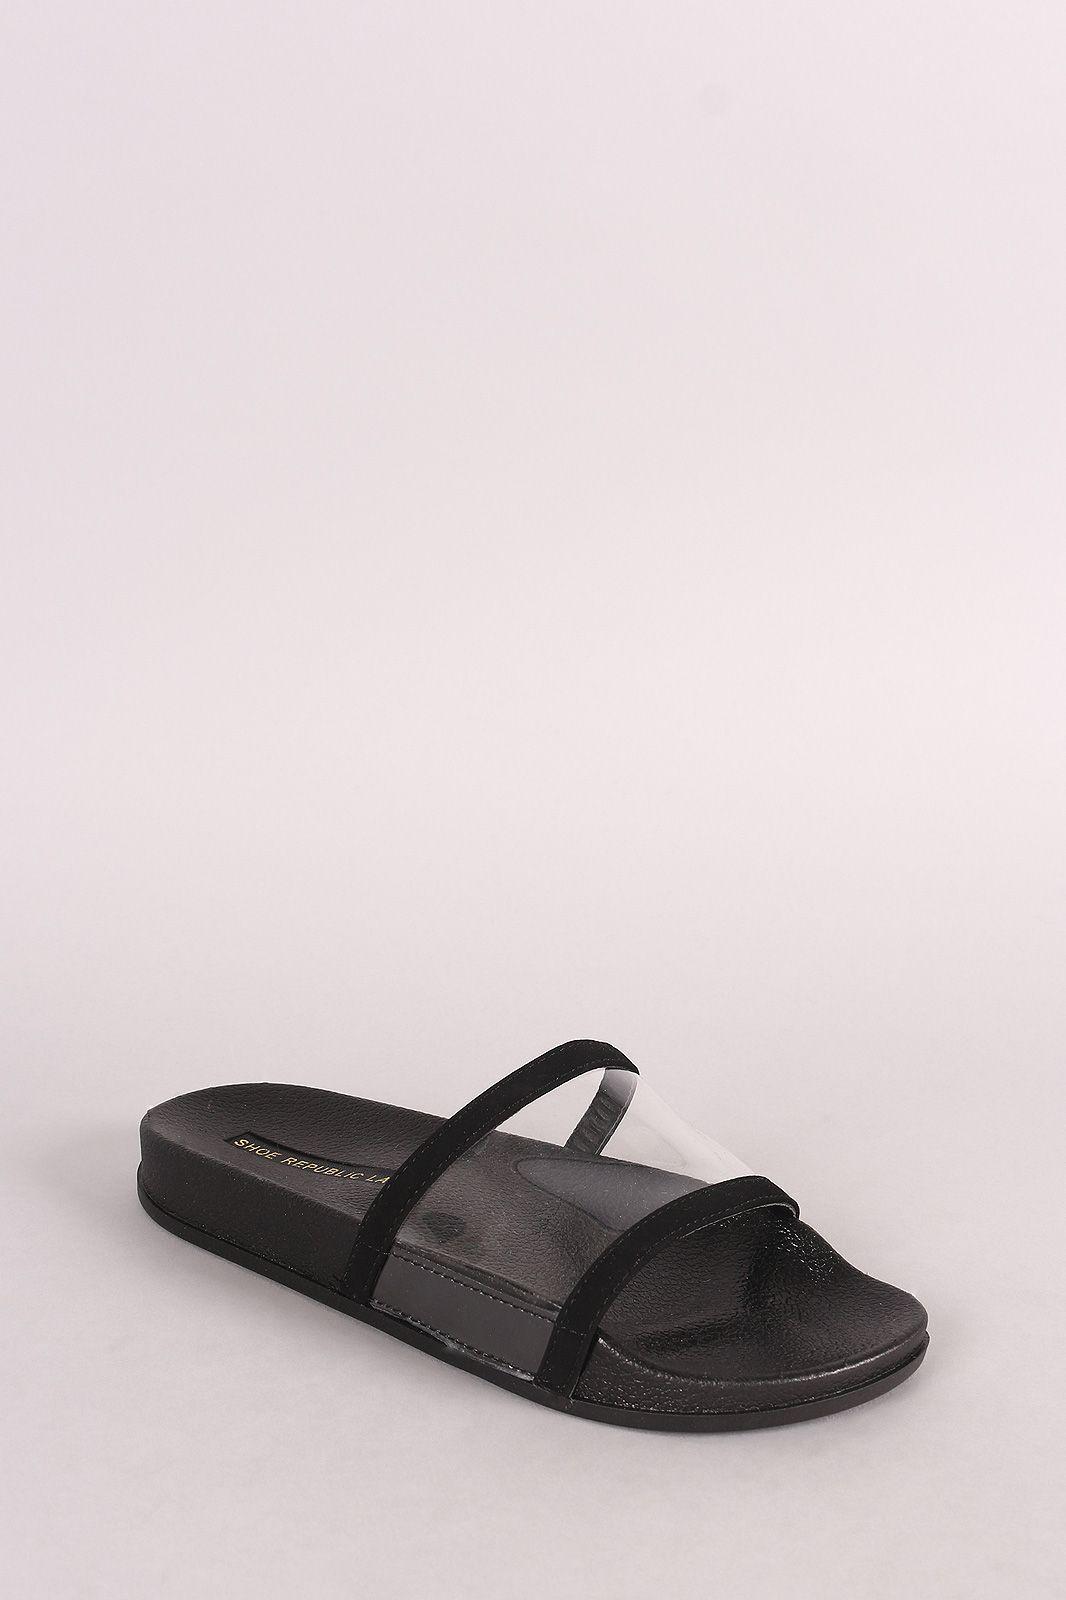 26b4e5399829ba Lucite Open Toe Slide Sandal